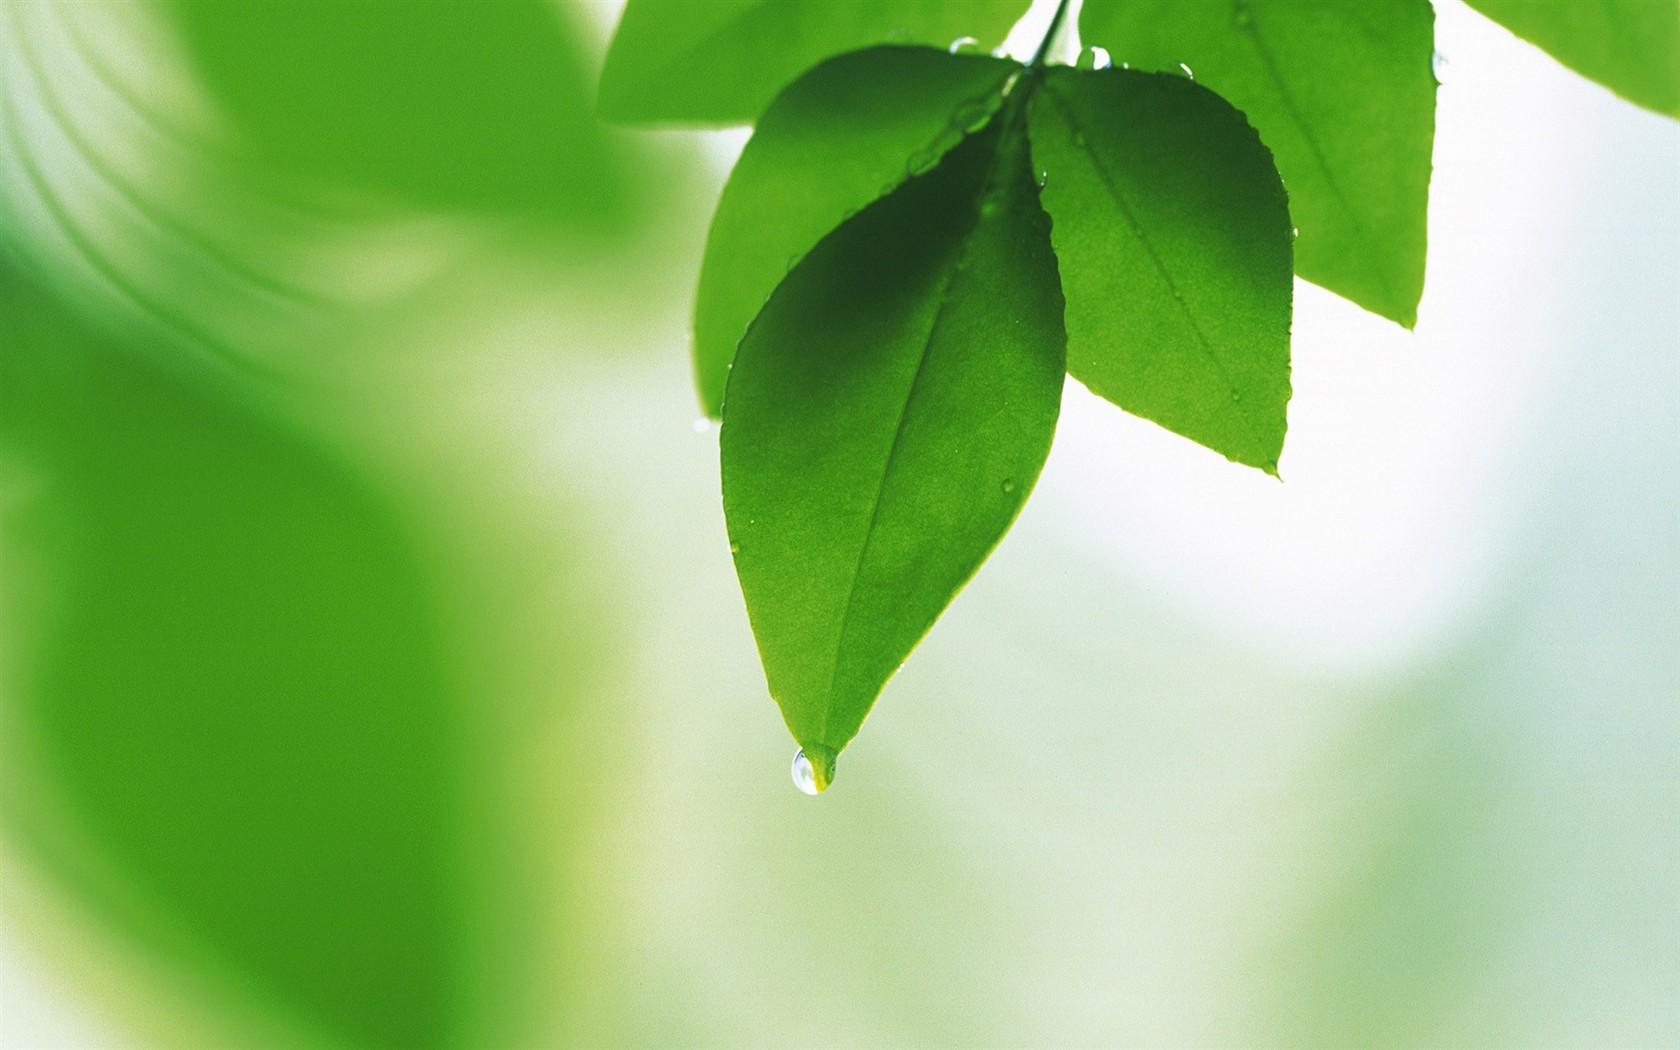 Fondos De Hojas De Papel: Frescas Hojas De Papel Tapiz Verde (2) #19